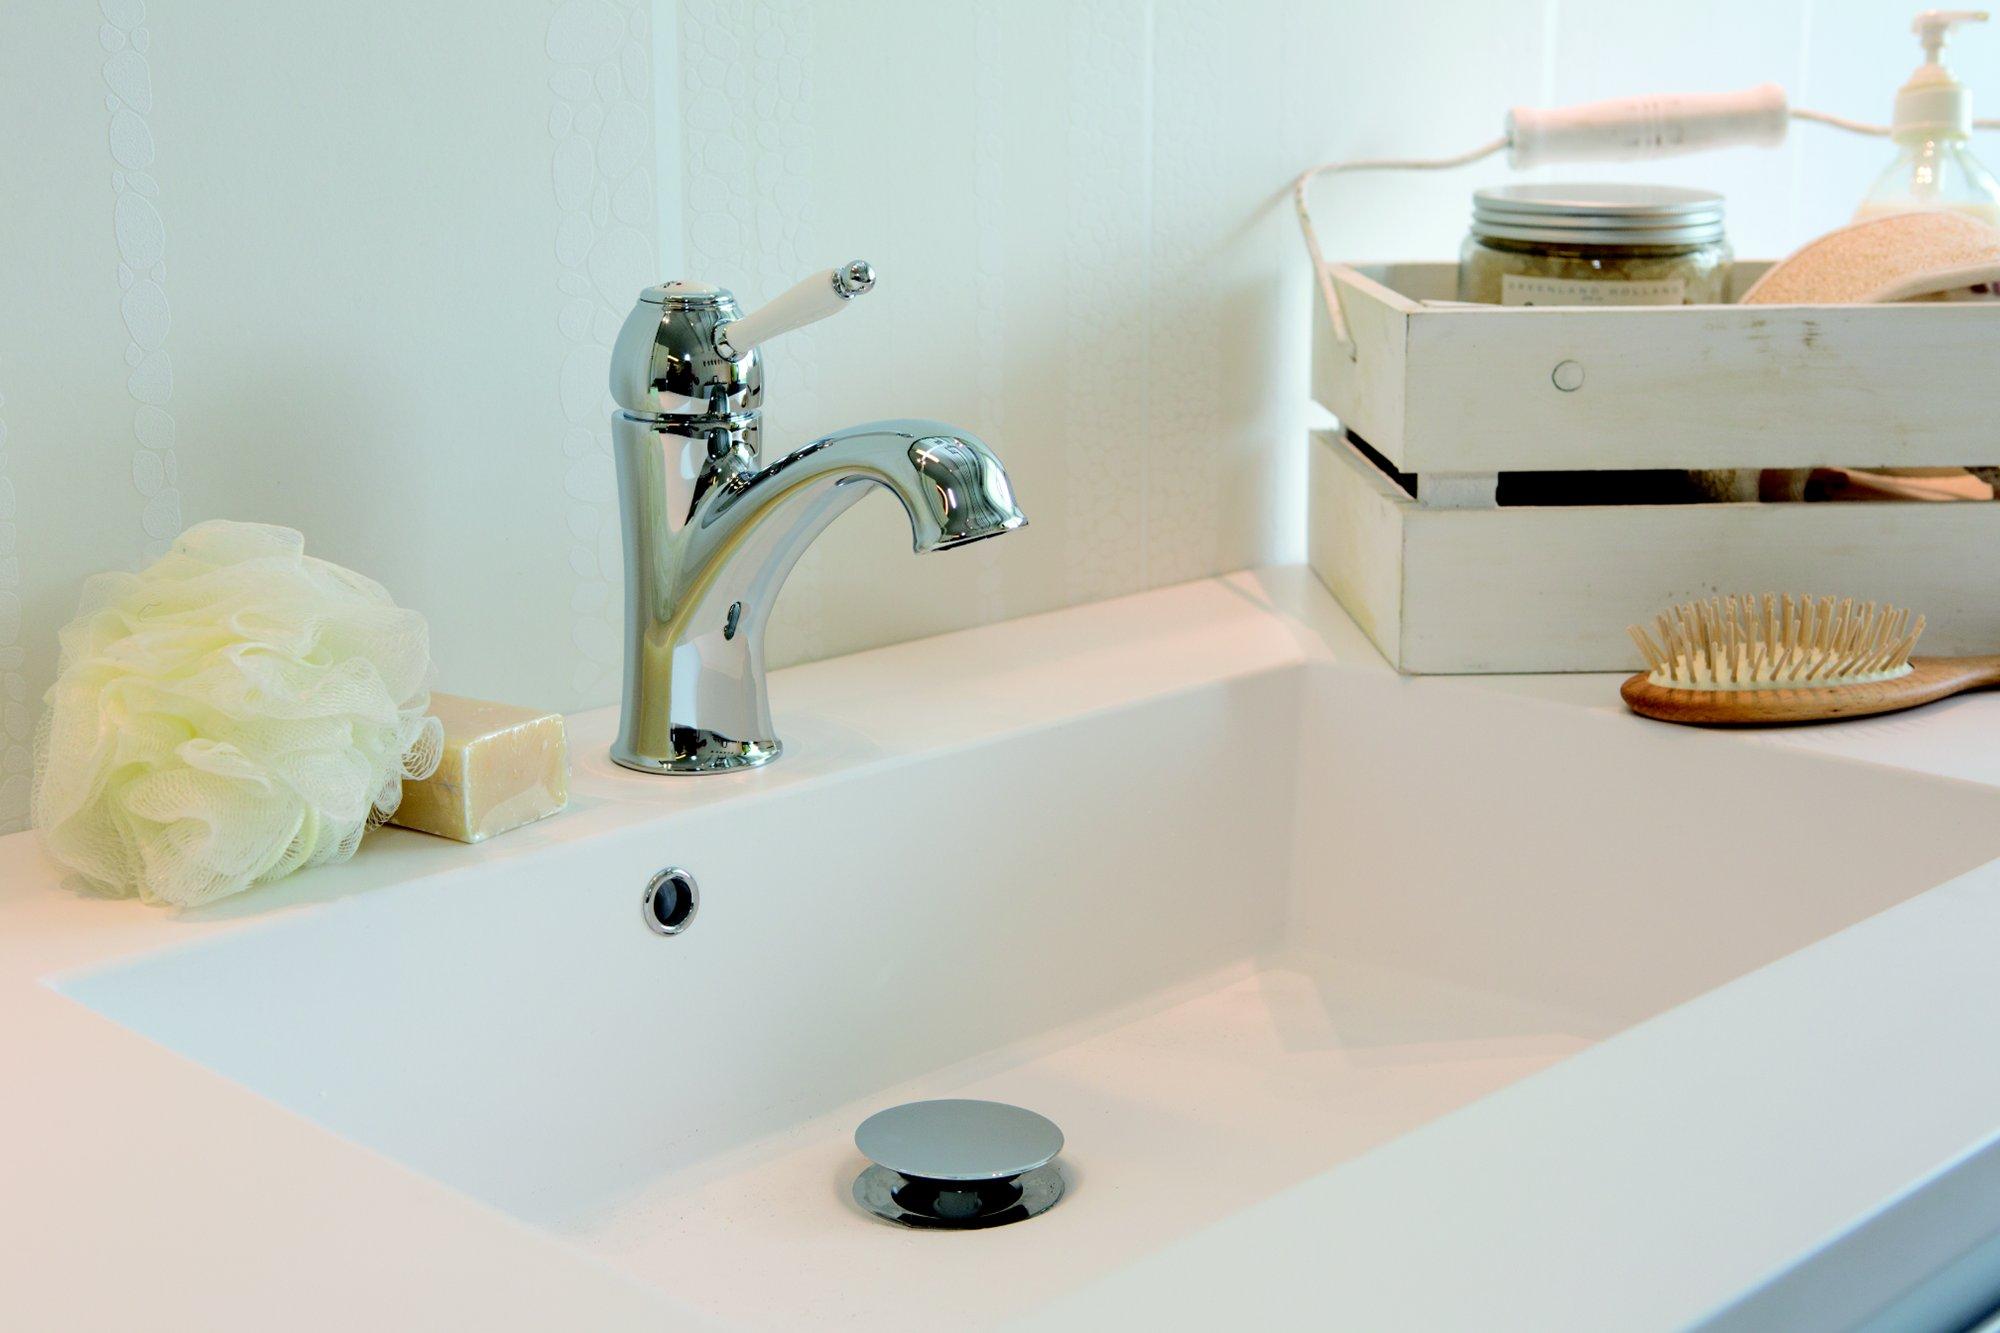 Klassieke kraan in moderne badkamer voorlichtingsburo wonen for Badkamer kraan